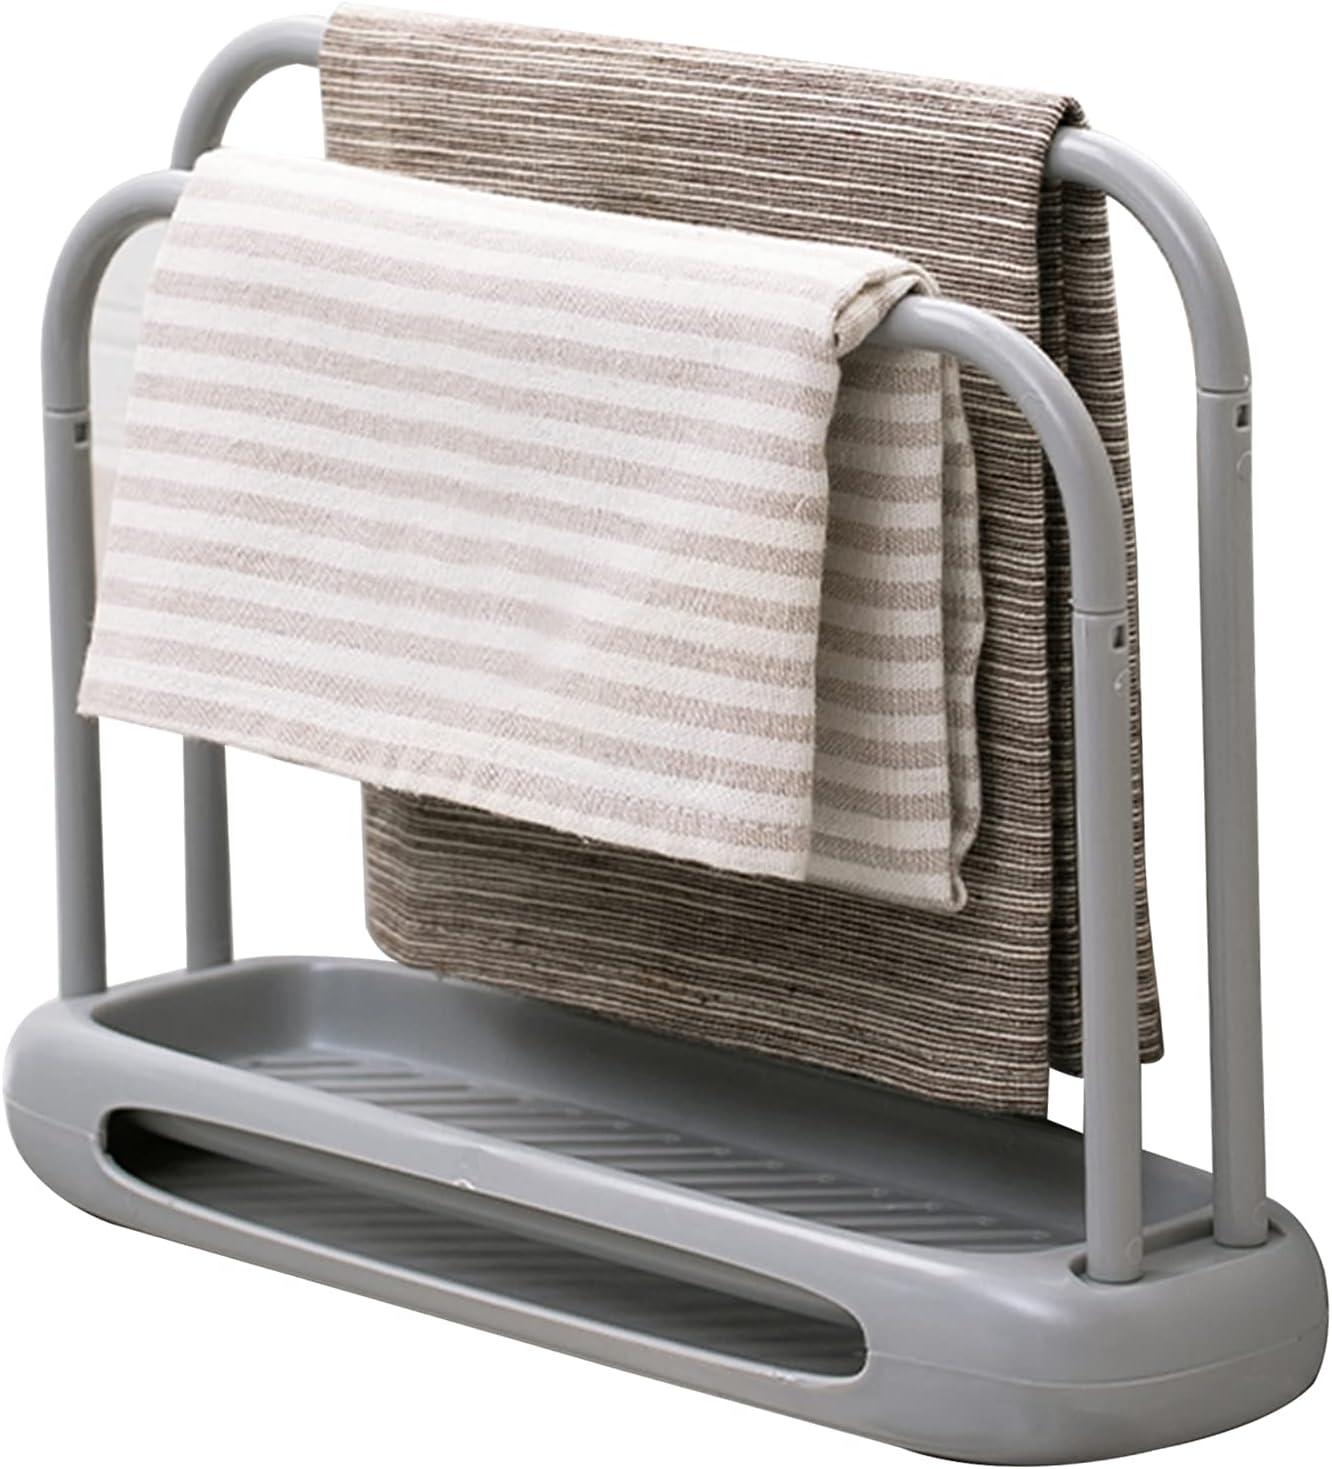 GmeDhc Organizador para Fregadero, Doble capa organizador modular de limpieza de cocina, Duradera organizador sink caddy soporte de Esponja con toallero para utensilios de cocina (gris)